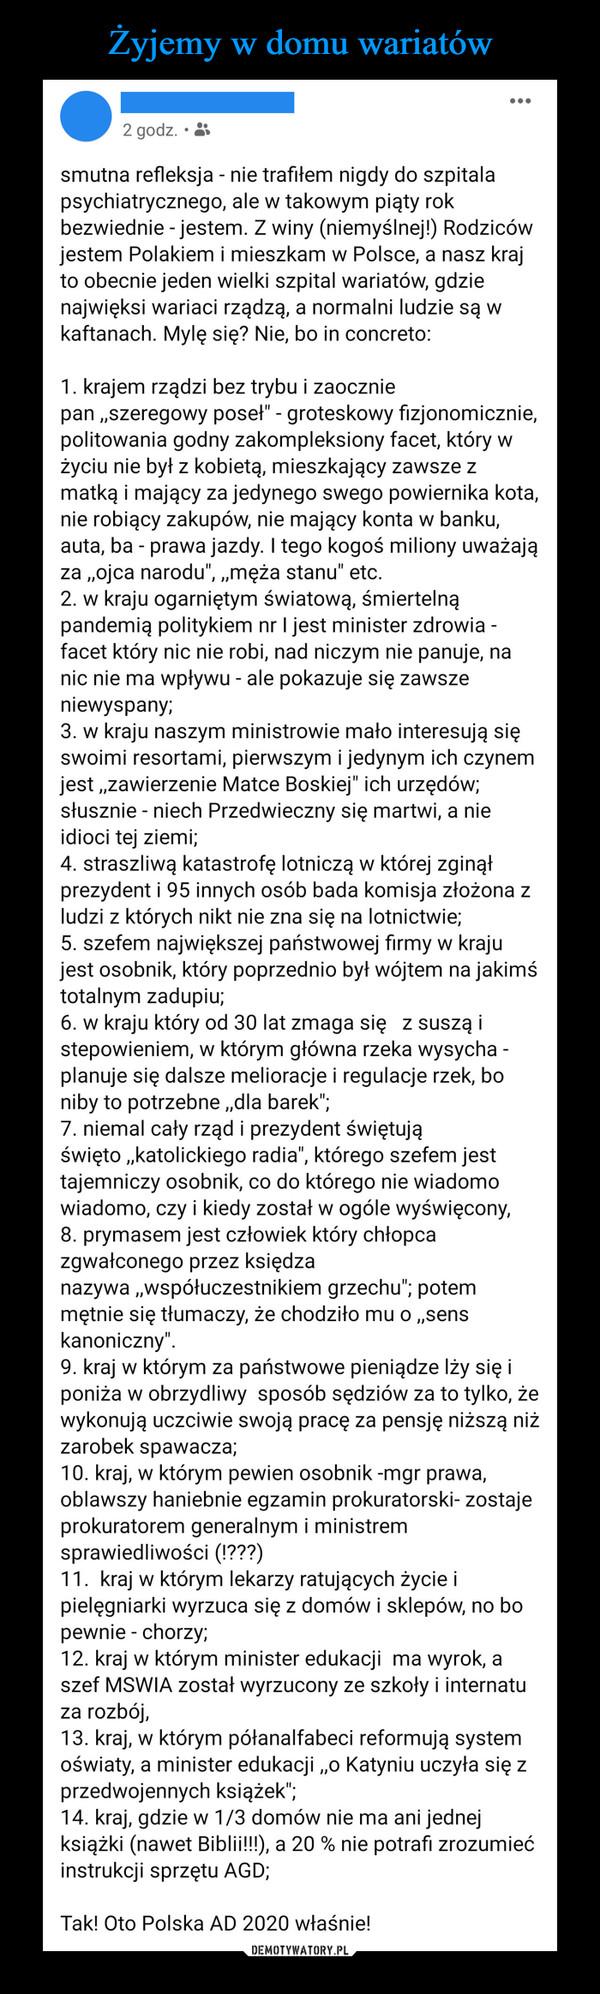 """–  2 godz. • k. smutna refleksja - nie trafiłem nigdy do szpitala psychiatrycznego, ale w takowym piąty rok bezwiednie - jestem. Z winy (niemyślnej!) Rodziców jestem Polakiem i mieszkam w Polsce, a nasz kraj to obecnie jeden wielki szpital wariatów, gdzie najwięksi wariaci rządzą, a normalni ludzie są w kaftanach. Mylę się? Nie, bo in concreto: 1. krajem rządzi bez trybu i zaocznie pan """"szeregowy poseł"""" - groteskowy fizjonomicznie, politowania godny zakompleksiony facet, który w życiu nie był z kobietą, mieszkający zawsze z matką i mający za jedynego swego powiernika kota, nie robiący zakupów, nie mający konta w banku, auta, ba - prawa jazdy. I tego kogoś miliony uważają za """"ojca narodu"""", """"męża stanu"""" etc. 2 w kraju ogarniętym światową, śmiertelną pandemią politykiem nr I jest minister zdrowia -facet który nic nie robi, nad niczym nie panuje, na nic nie ma wpływu - ale pokazuje się zawsze niewyspany; 3. w kraju naszym ministrowie mało interesują się swoimi resortami, pierwszym i jedynym ich czynem jest """"zawierzenie Matce Boskiej"""" ich urzędów; słusznie - niech Przedwieczny się martwi, a nie idioci tej ziemi; 4. straszliwą katastrofę lotniczą w której zginął prezydent i 95 innych osób bada komisja złożona z ludzi z których nikt nie zna się na lotnictwie; 5. szefem największej państwowej firmy w kraju jest osobnik, który poprzednio był wójtem na jakimś totalnym zadupiu; 6. w kraju który od 30 lat zmaga się z suszą i stepowieniem, w którym główna rzeka wysycha -planuje się dalsze melioracje i regulacje rzek, bo niby to potrzebne """"dla barek""""; 7. niemal cały rząd i prezydent świętują święto """"katolickiego radia"""", którego szefem jest tajemniczy osobnik, co do którego nie wiadomo wiadomo, czy i kiedy został w ogóle wyświęcony, 8. prymasem jest człowiek który chłopca zgwałconego przez księdza nazywa """"współuczestnikiem grzechu""""; potem mętnie się tłumaczy, że chodziło mu o """"sens kanoniczny"""". 9. kraj w którym za państwowe pieniądze lży się i poniża w obrzydliwy sposób sędziów za"""